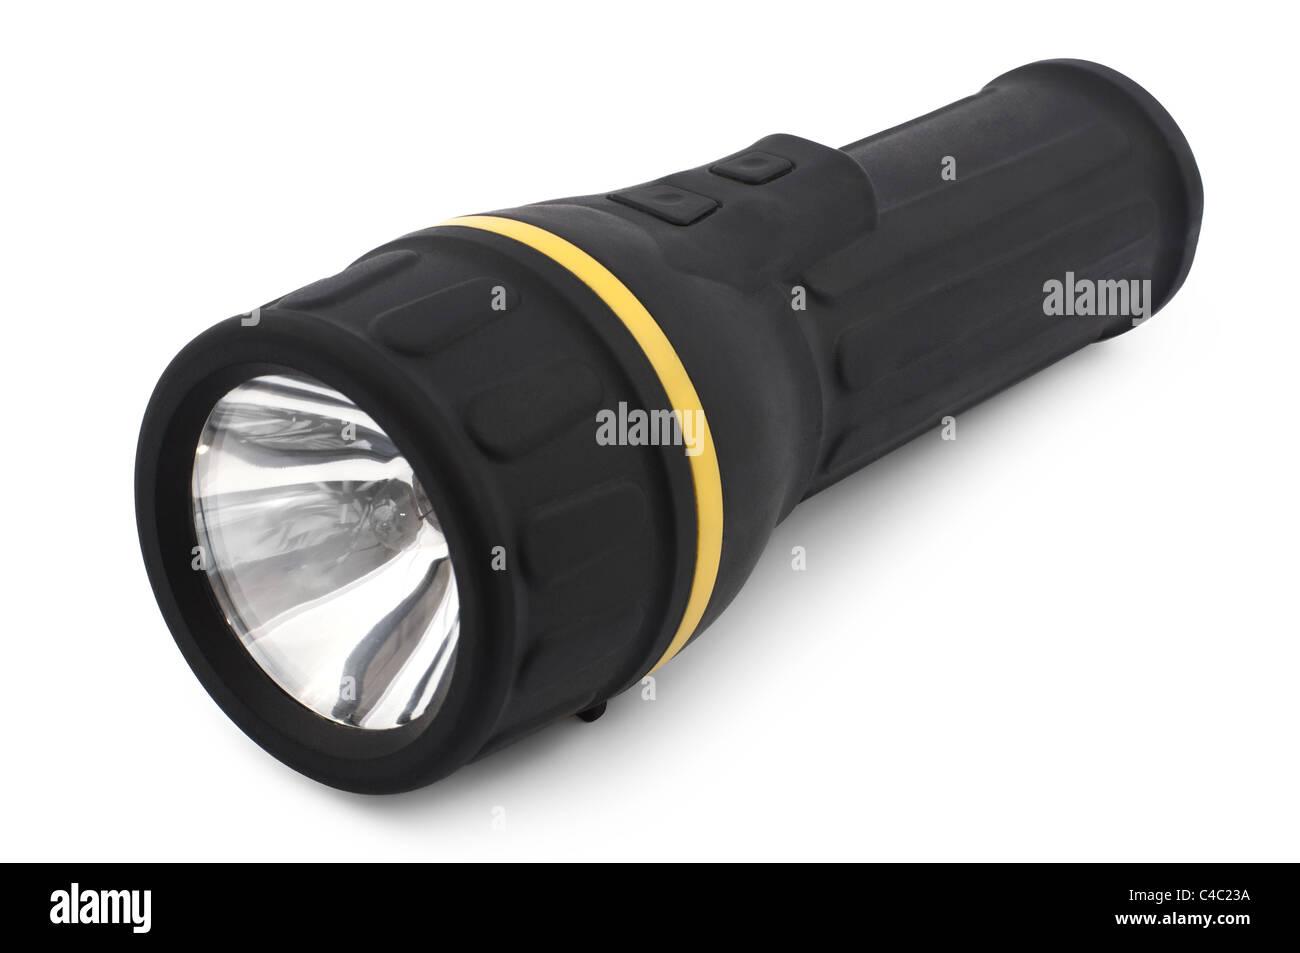 Black flashlight isolated on white - Stock Image